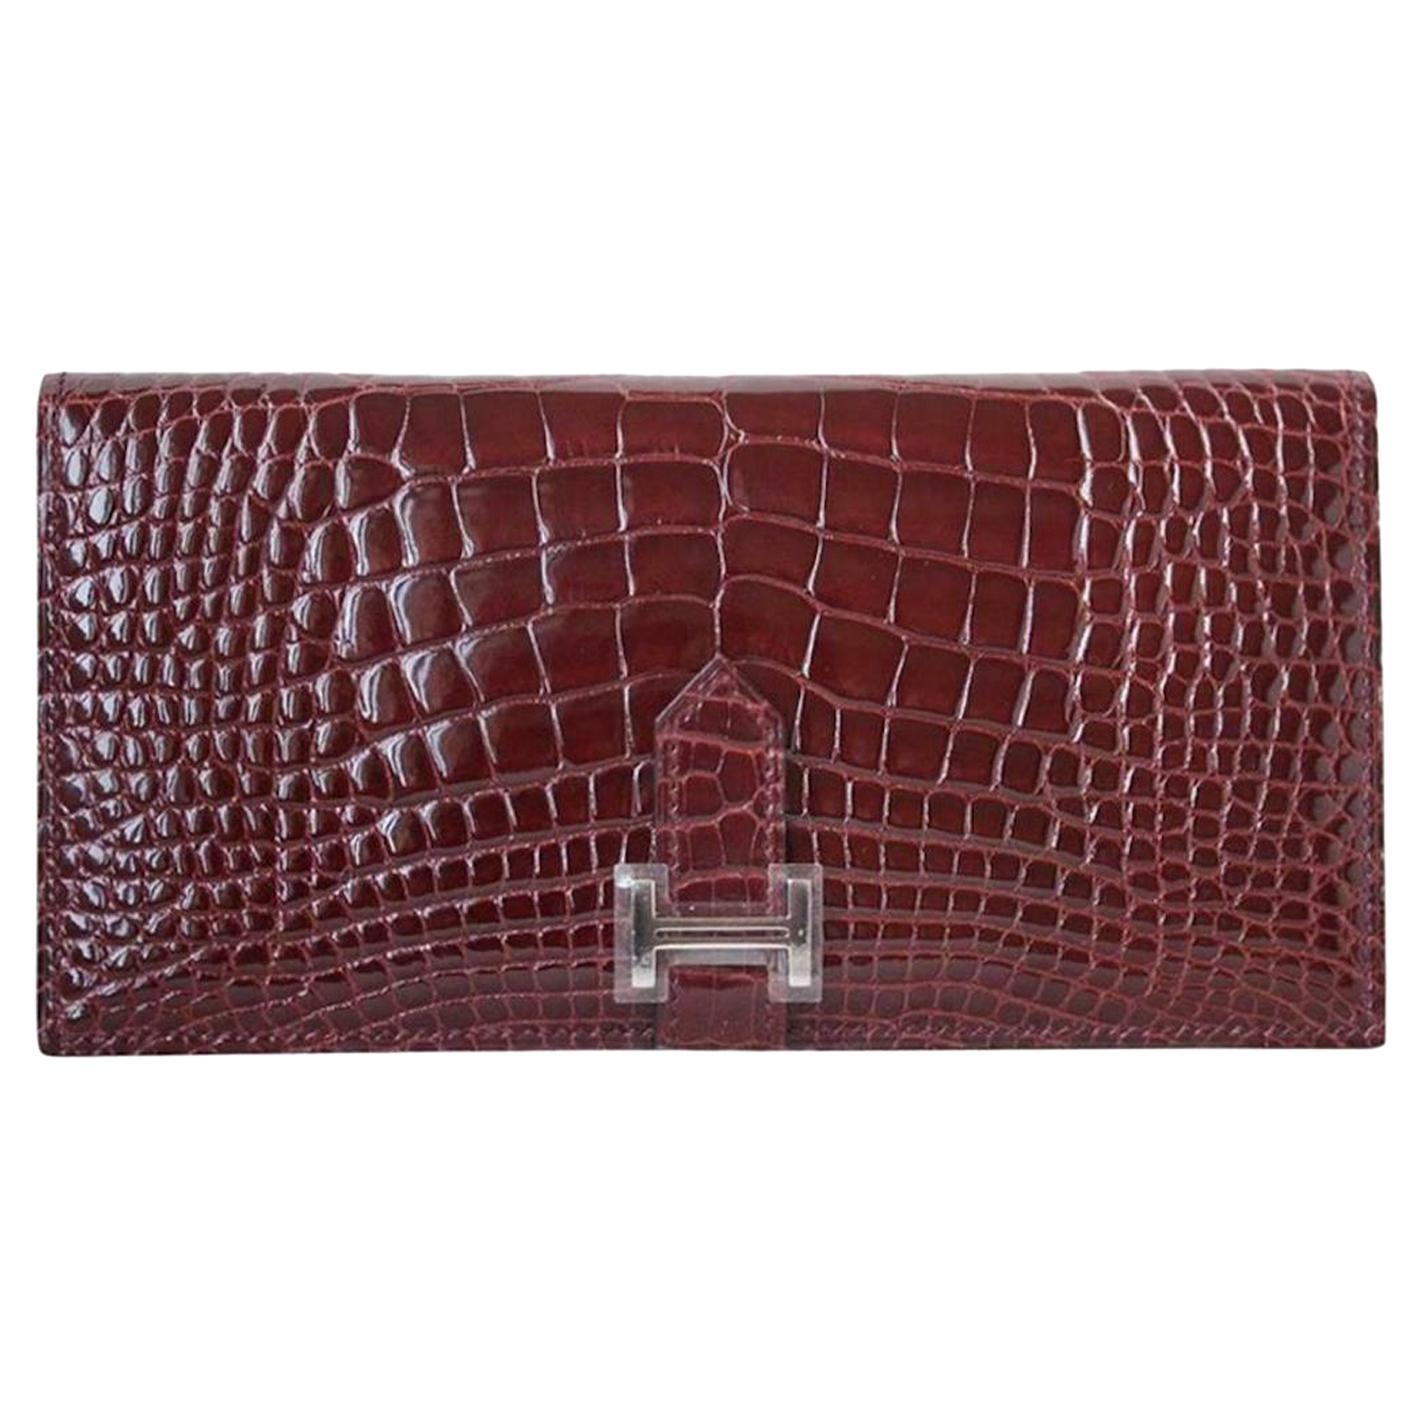 Hermès Bearn Crocodile Wallet